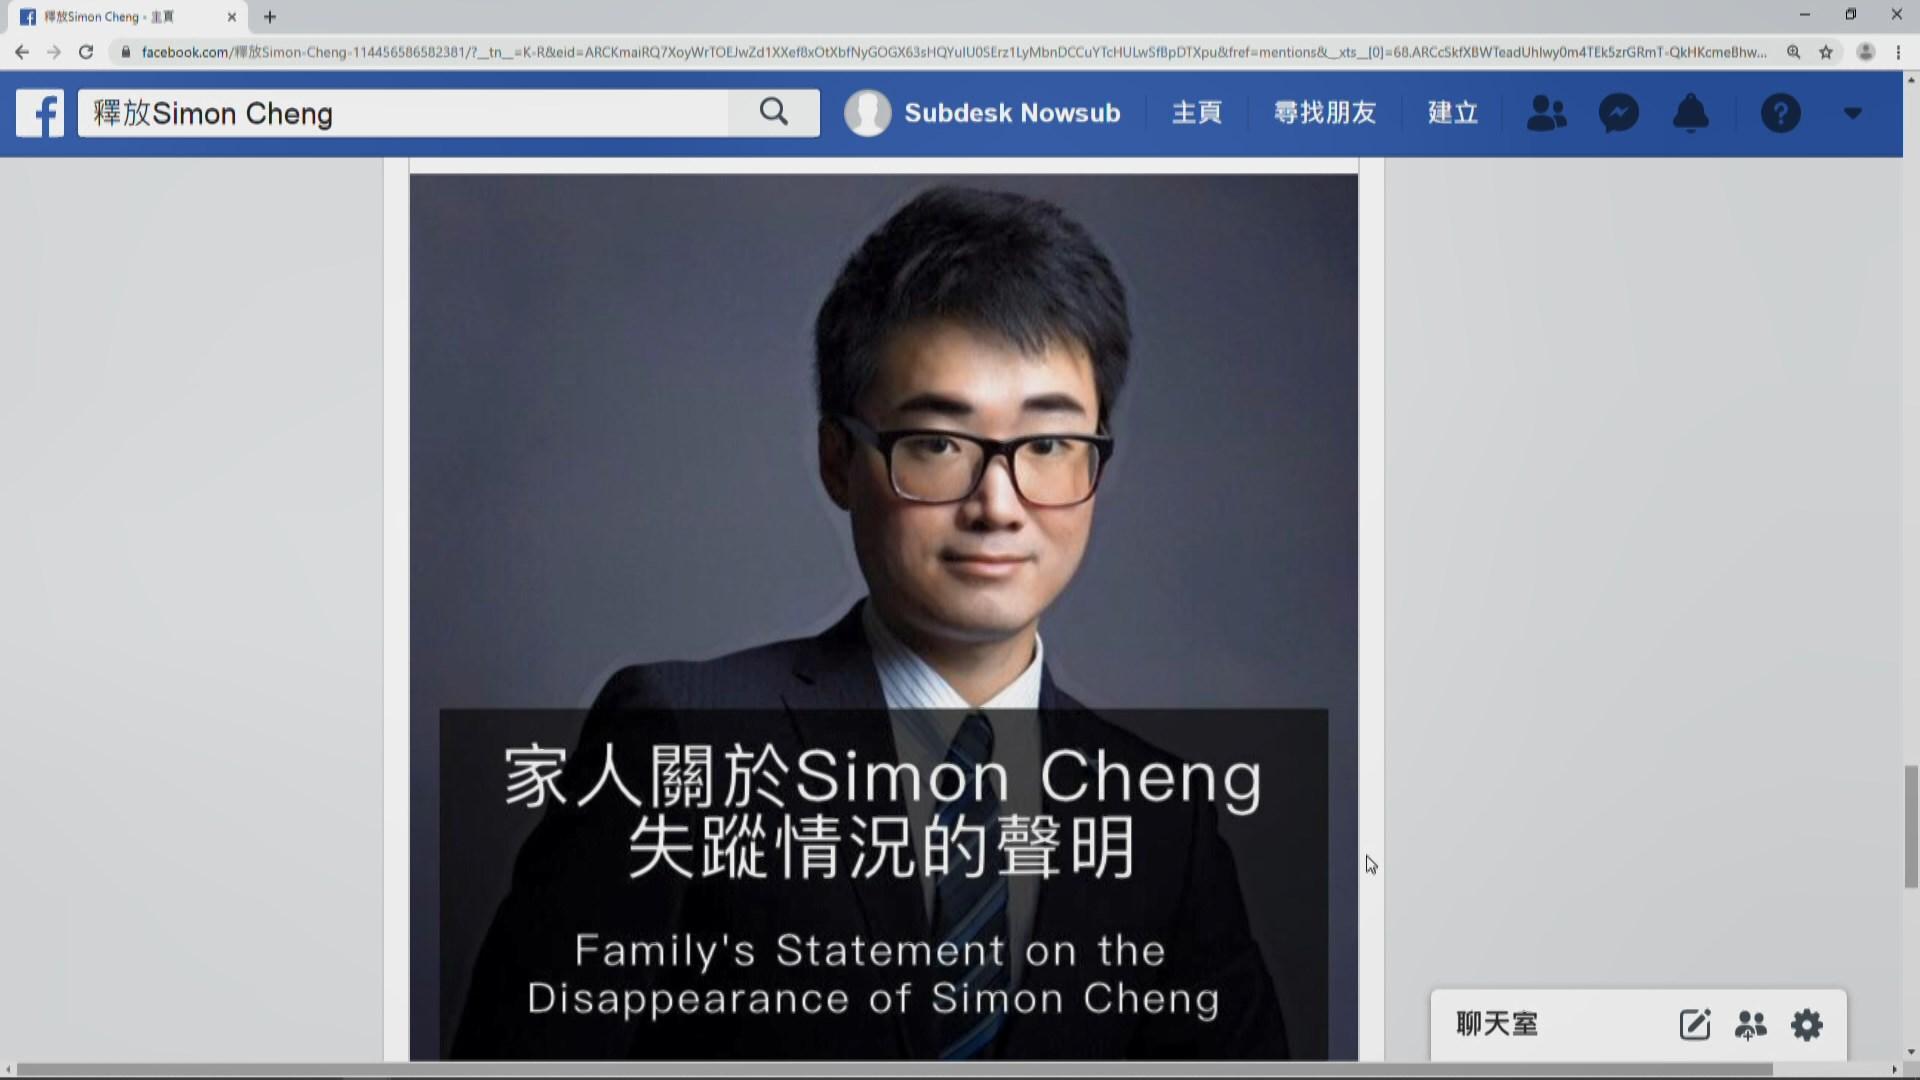 環時:英國領事館職員鄭文傑因嫖妓被拘留